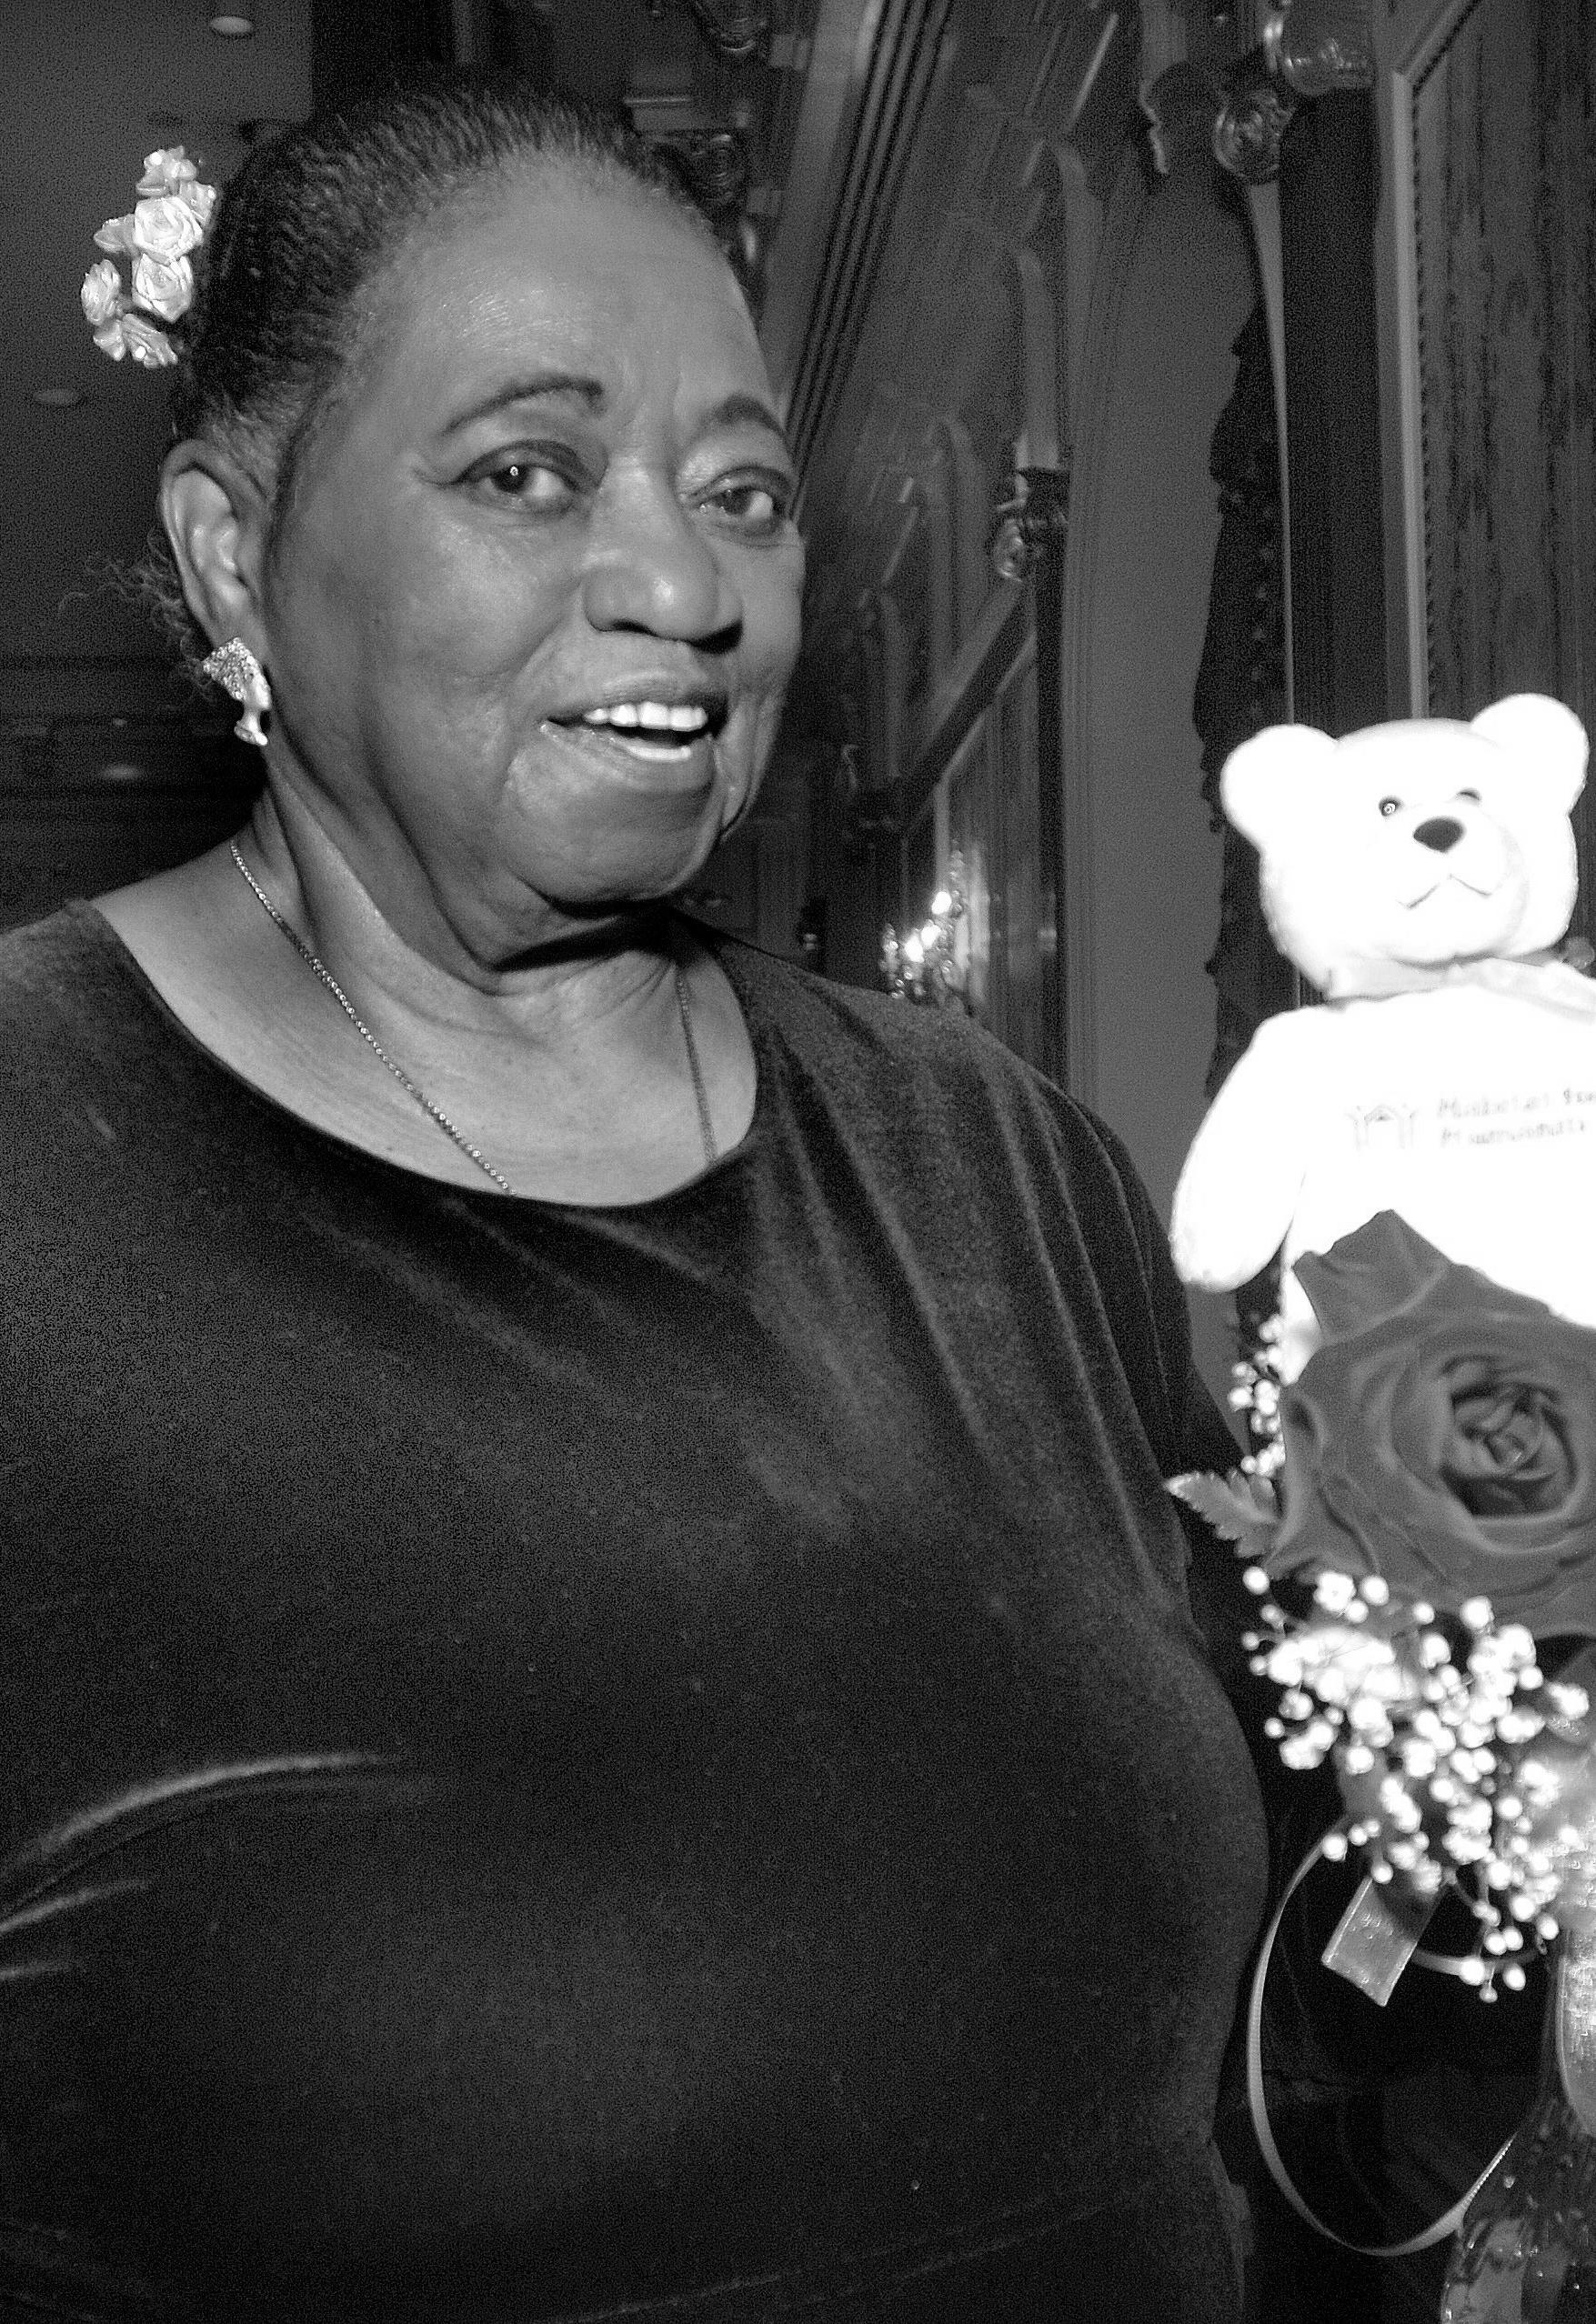 Ms. Nettie Carter